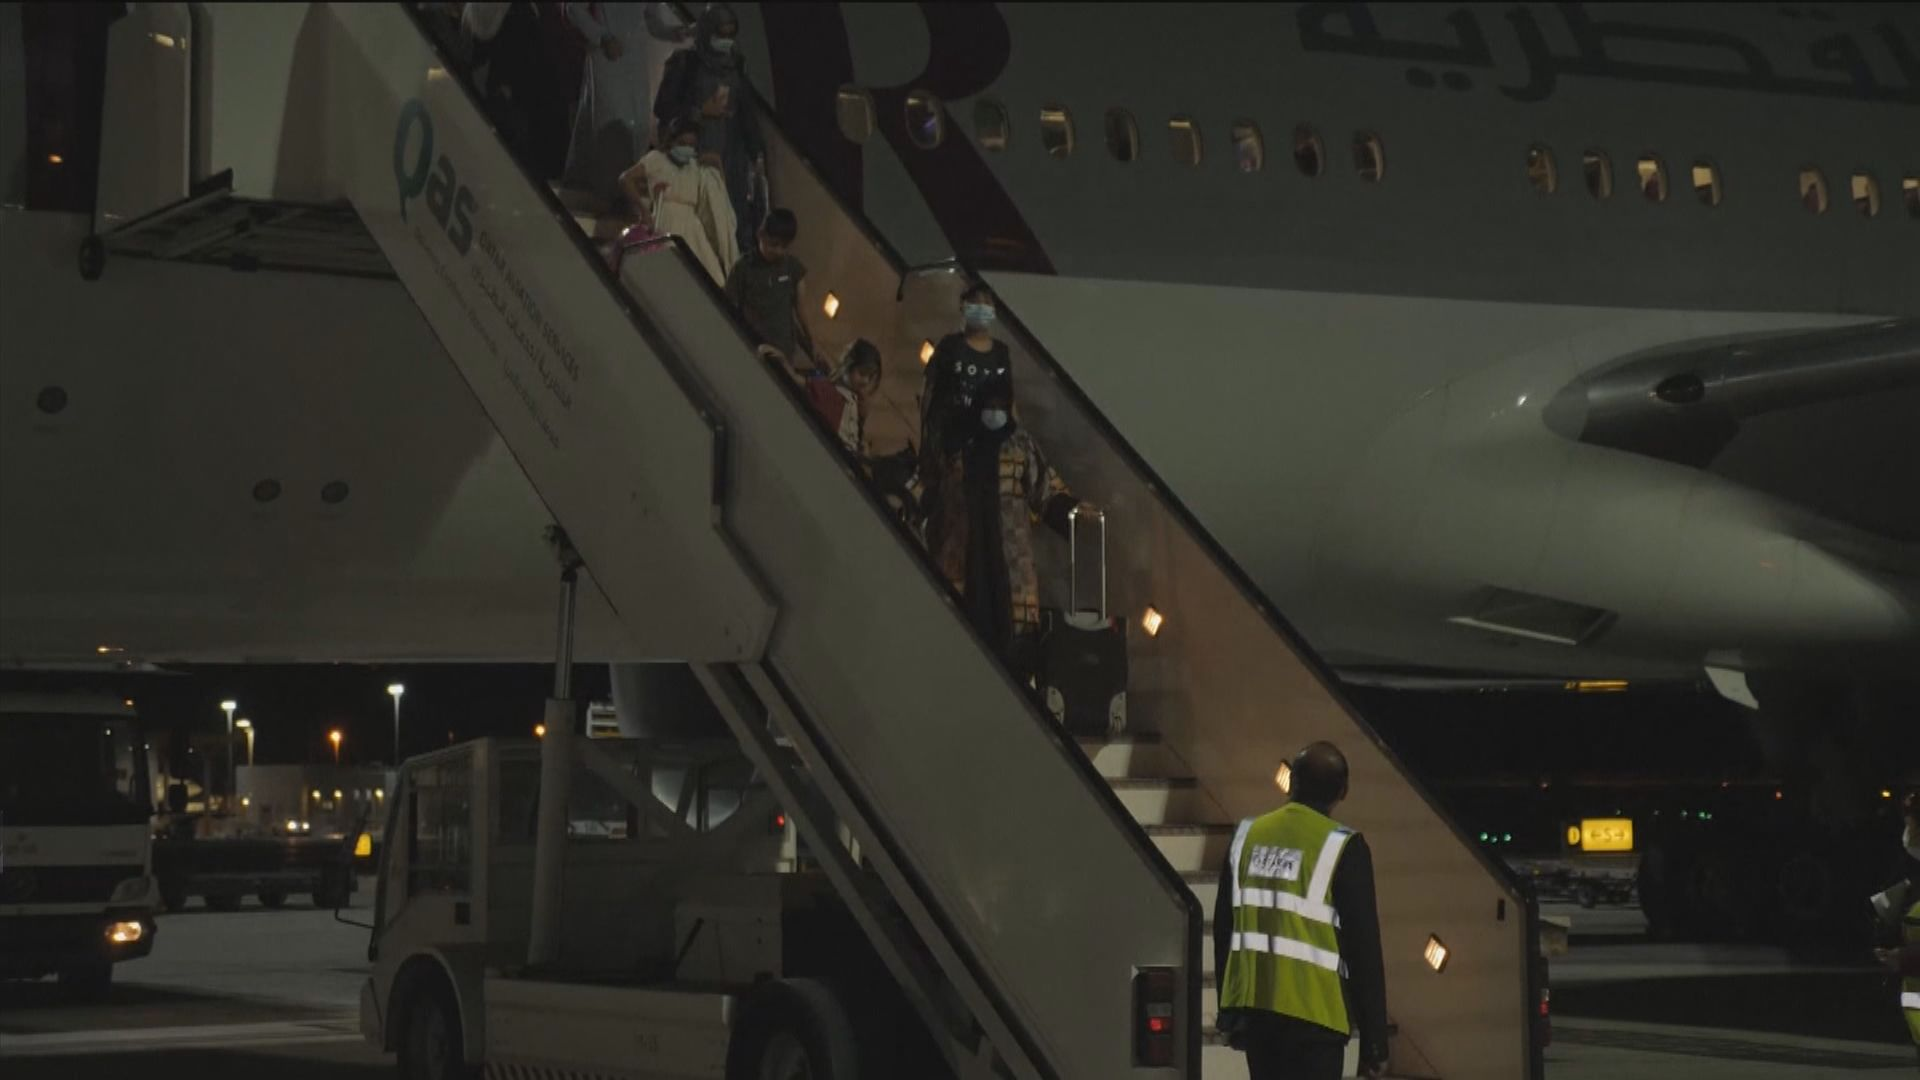 美軍撤出阿富汗後首班接載外國人客機由喀布爾飛抵多哈